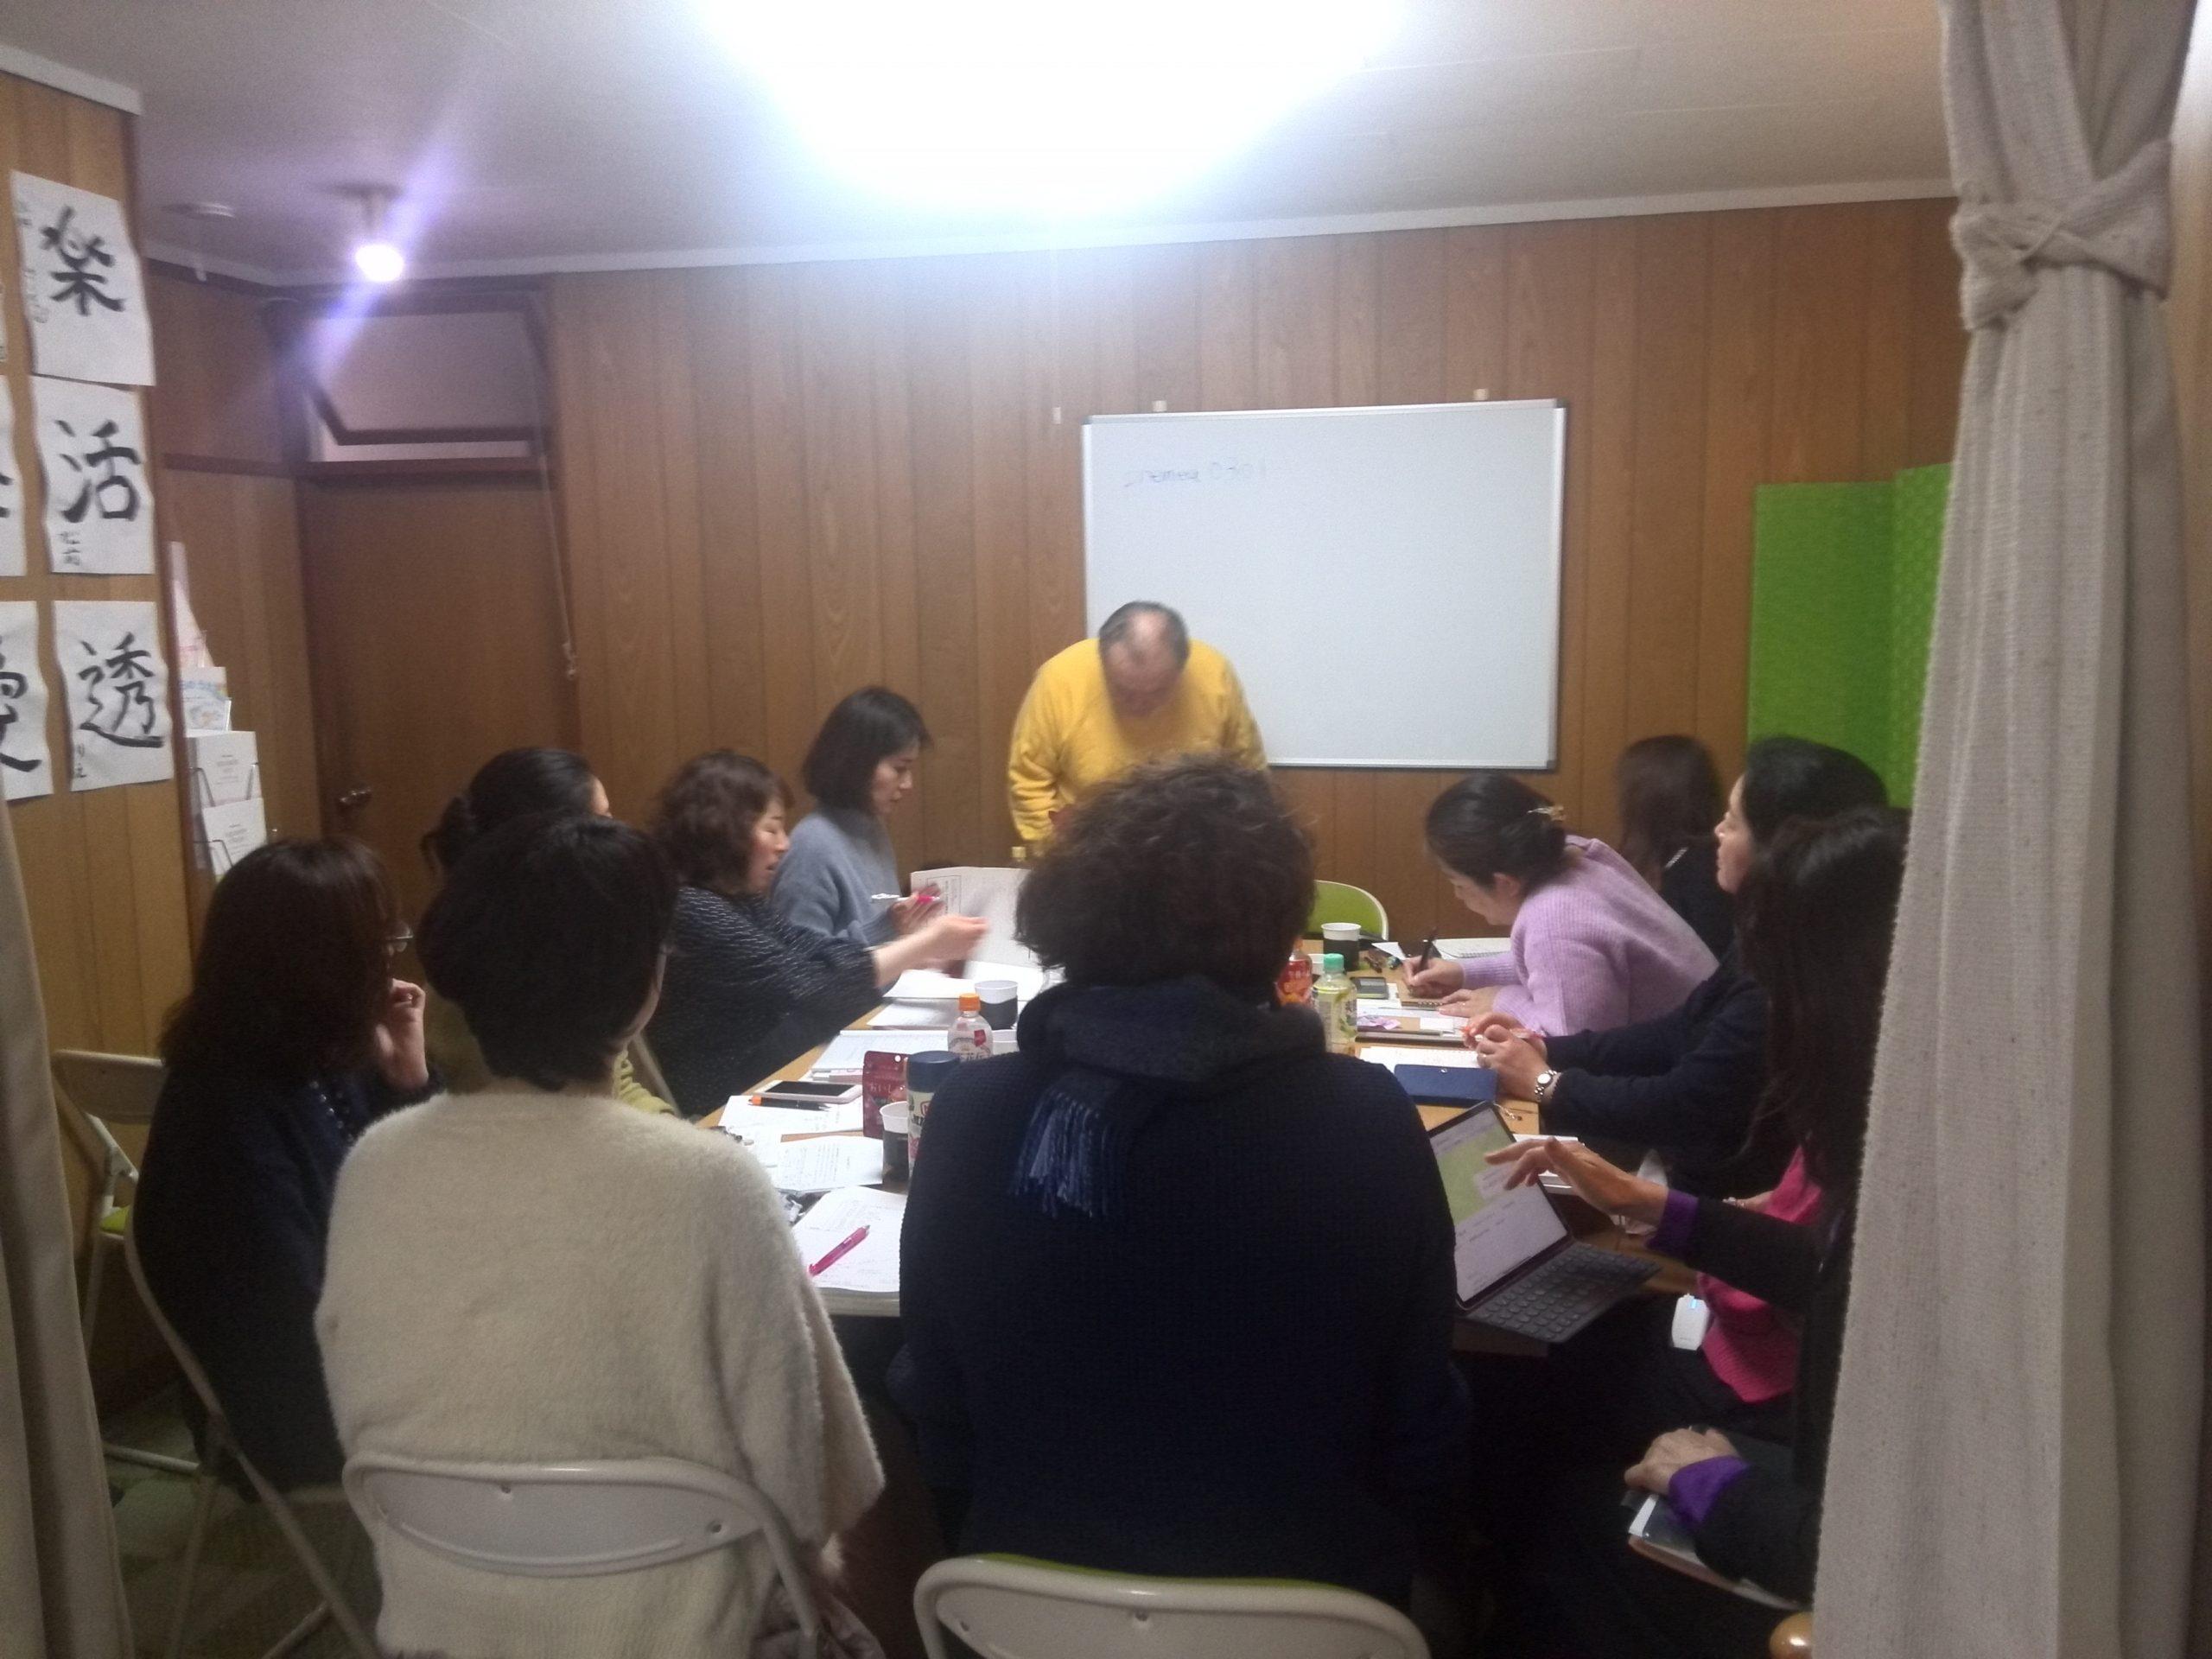 IMG 20110118 224436 scaled - 胎内記憶教育協会、講師養成講座第5期の最終講義